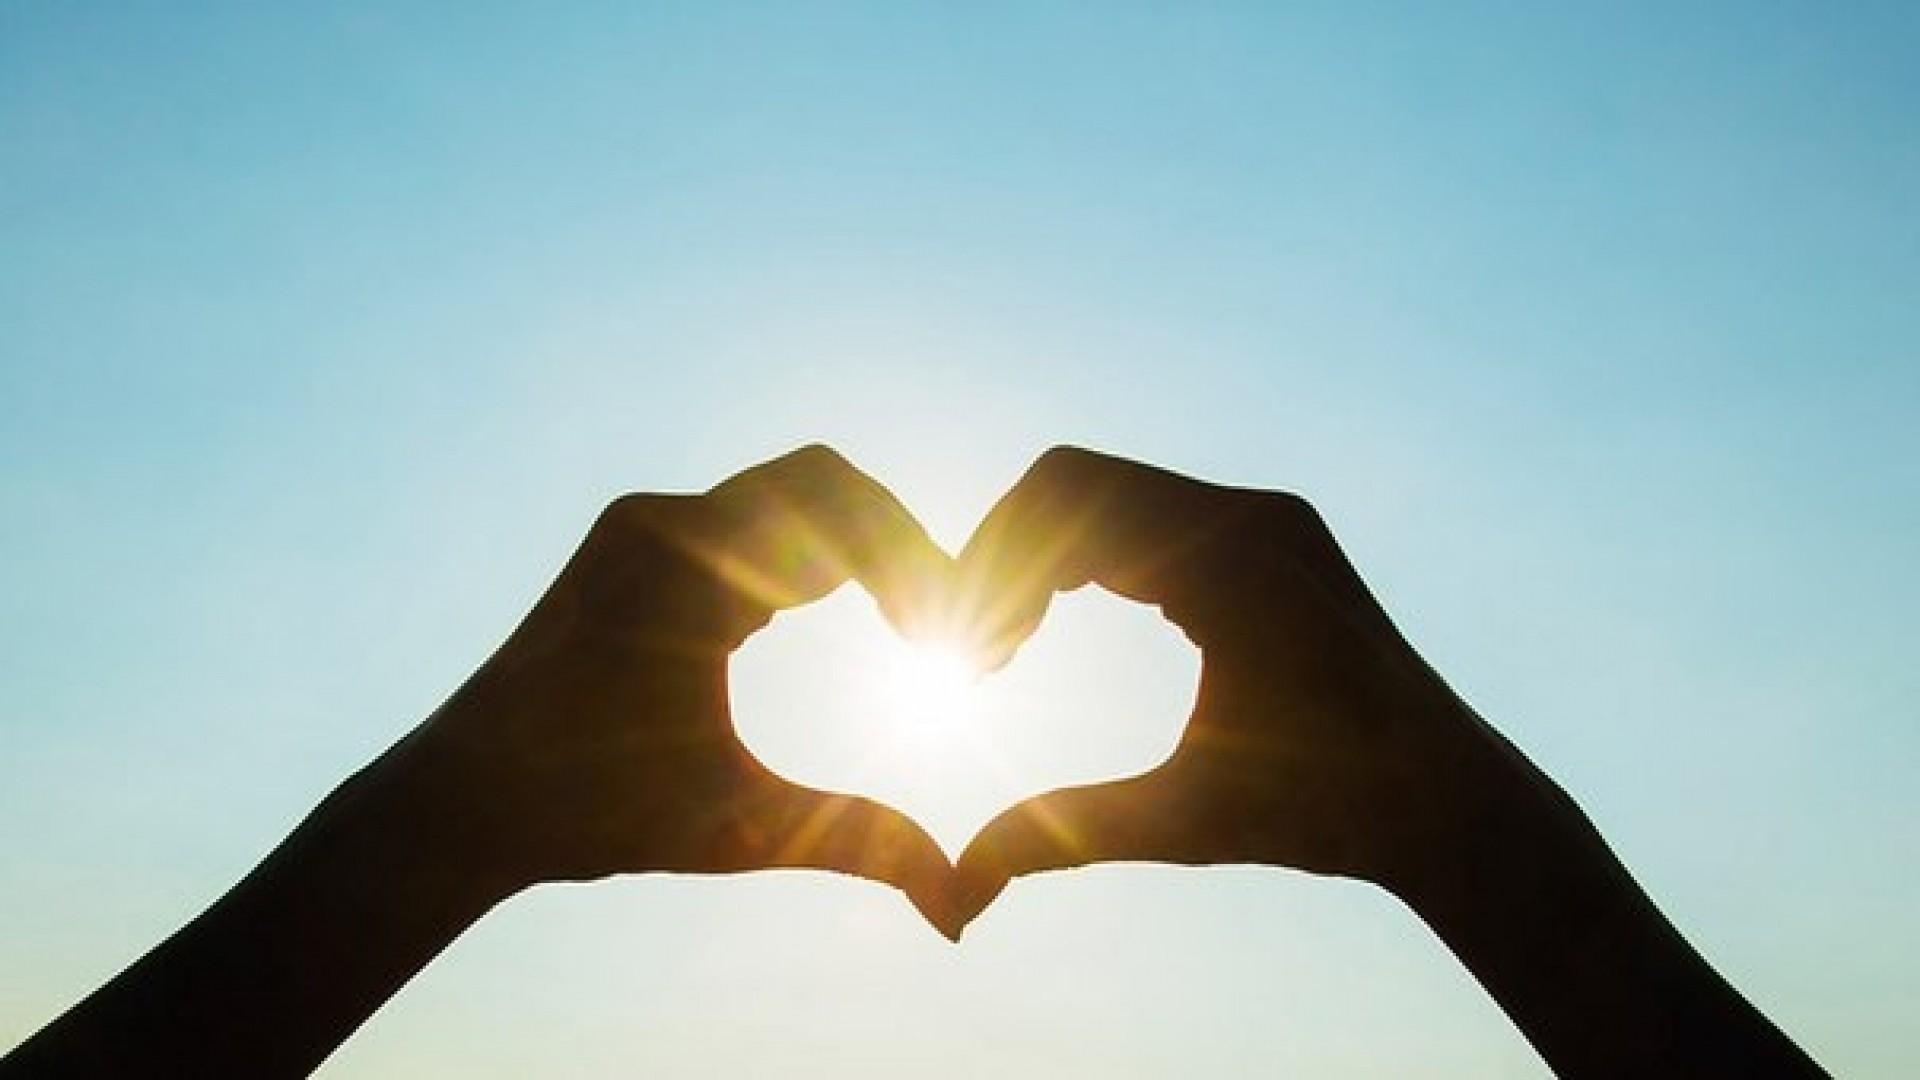 Любовь к себе: осознаем свою уникальность